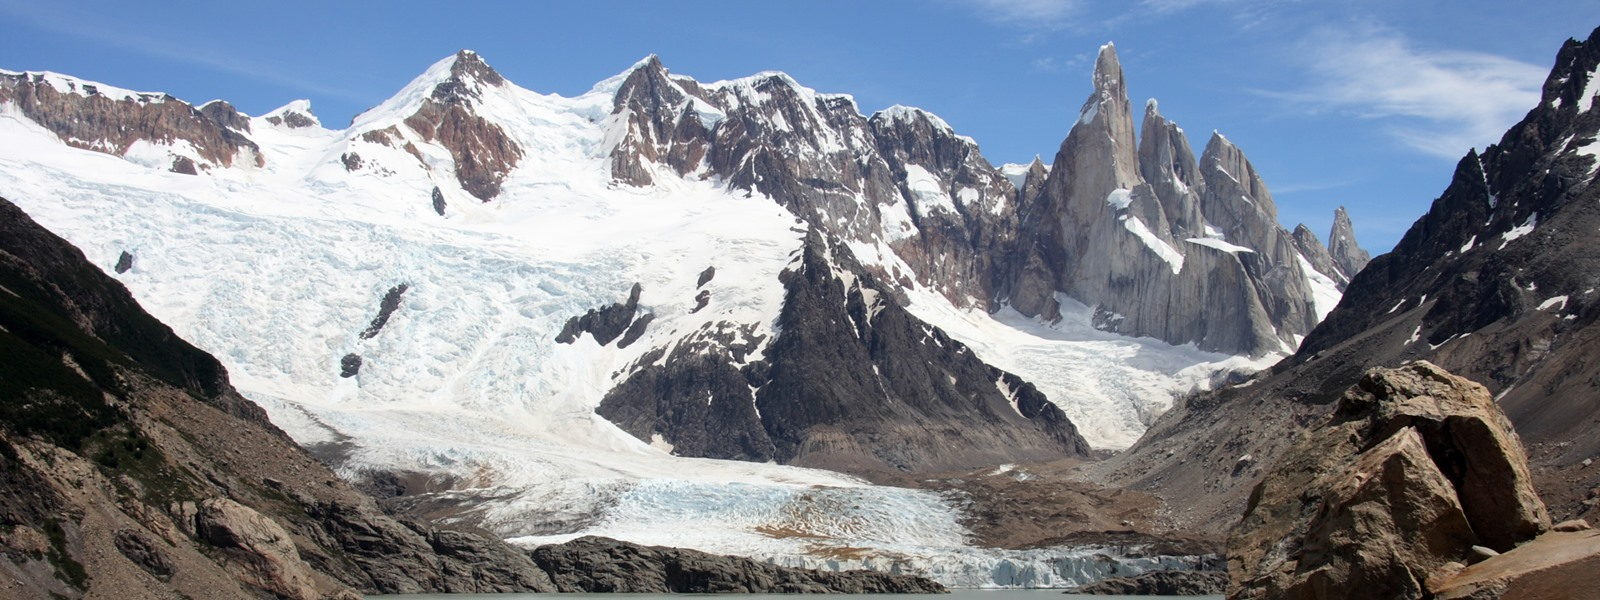 cerro et lac Torre, El Chalten, Patagonie Argentine